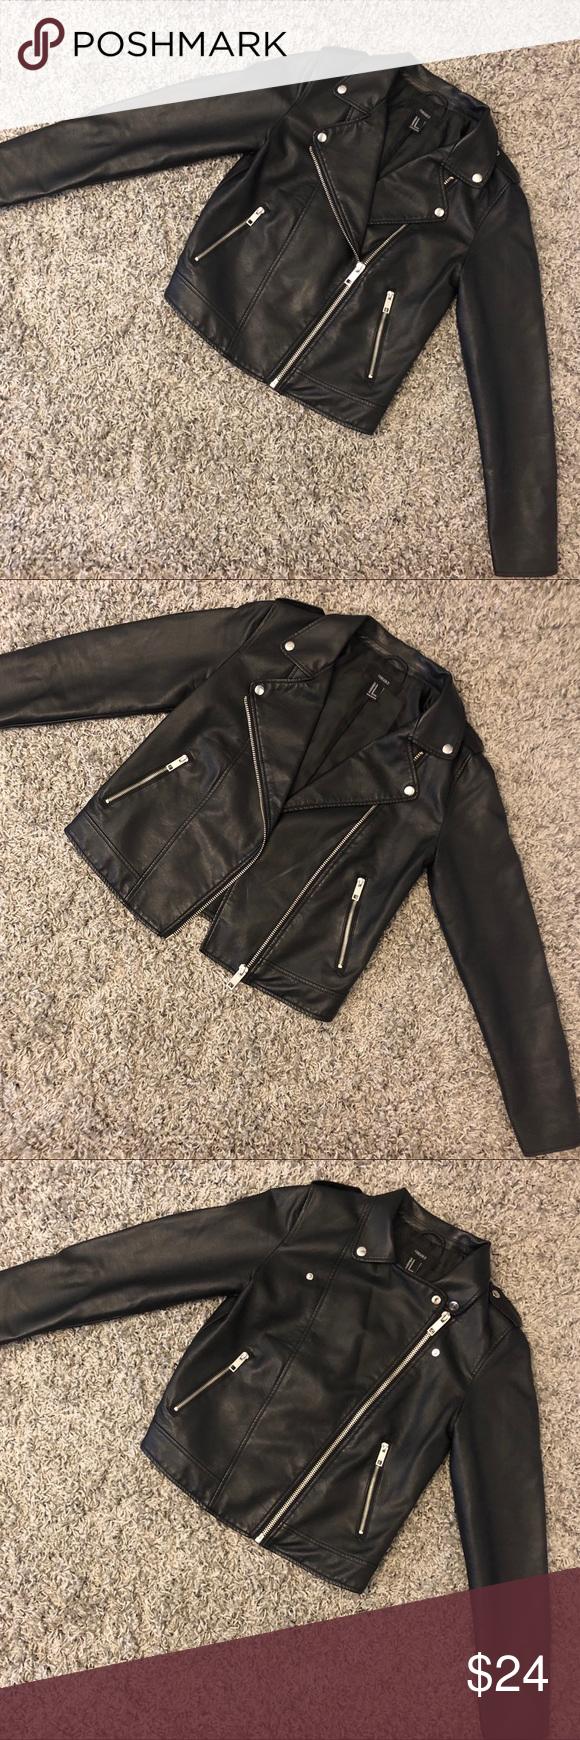 Nwot Black Leather Jacket Forever 21 Black Leather Jacket Leather Jacket Black Black Leather [ 1740 x 580 Pixel ]